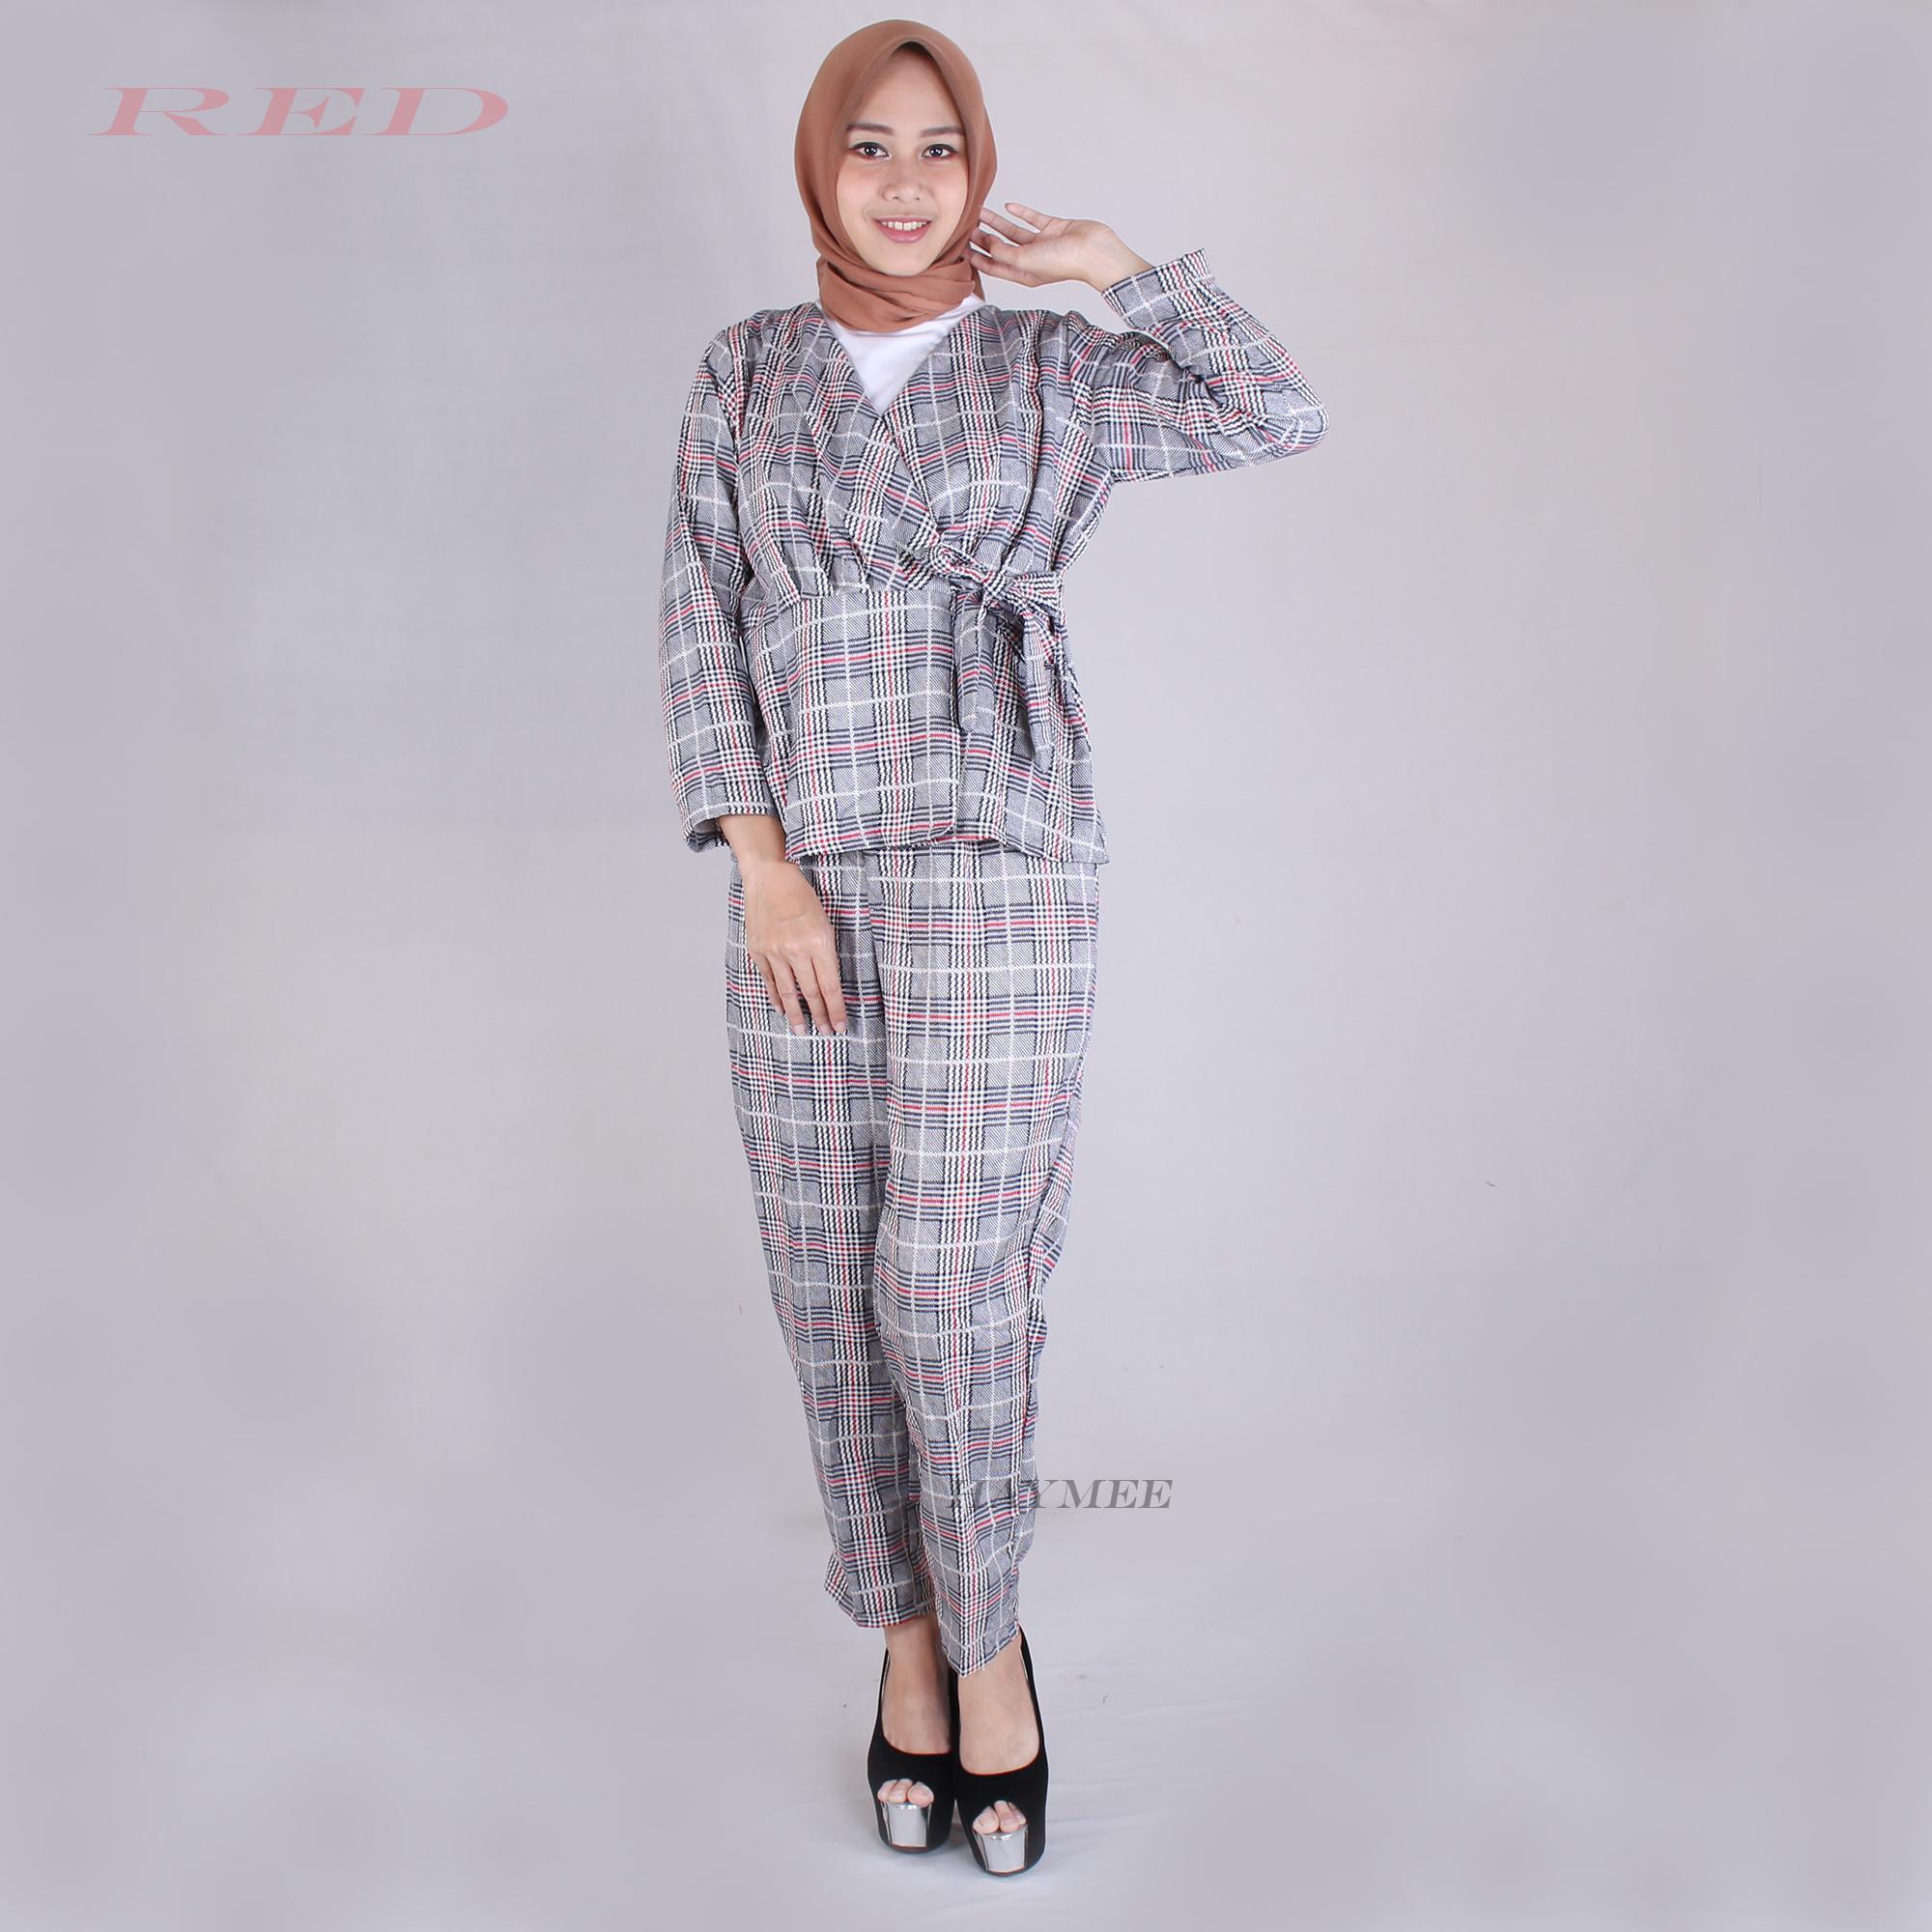 HaymeeStore Setelan Wanita Diamond Skin Stelan Baju Casual Wanita Atasan dan Bawahan Premium Zarra Keyn Boutique Clotes